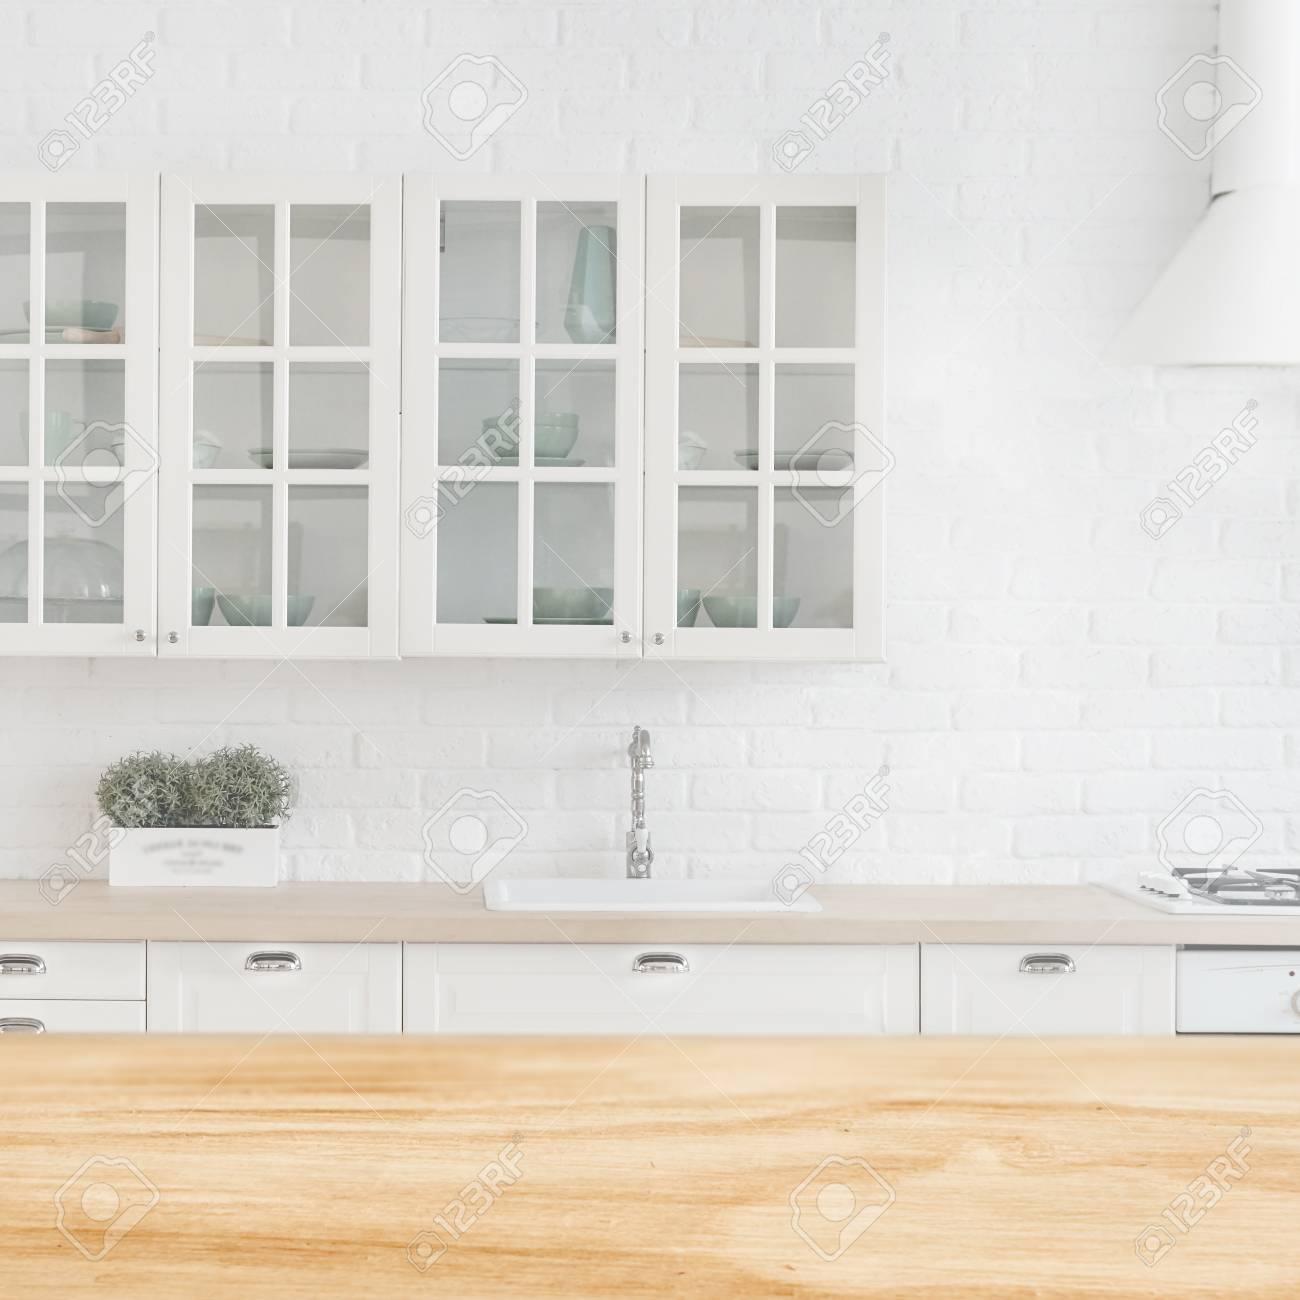 Kitchen Table Kitchen Background